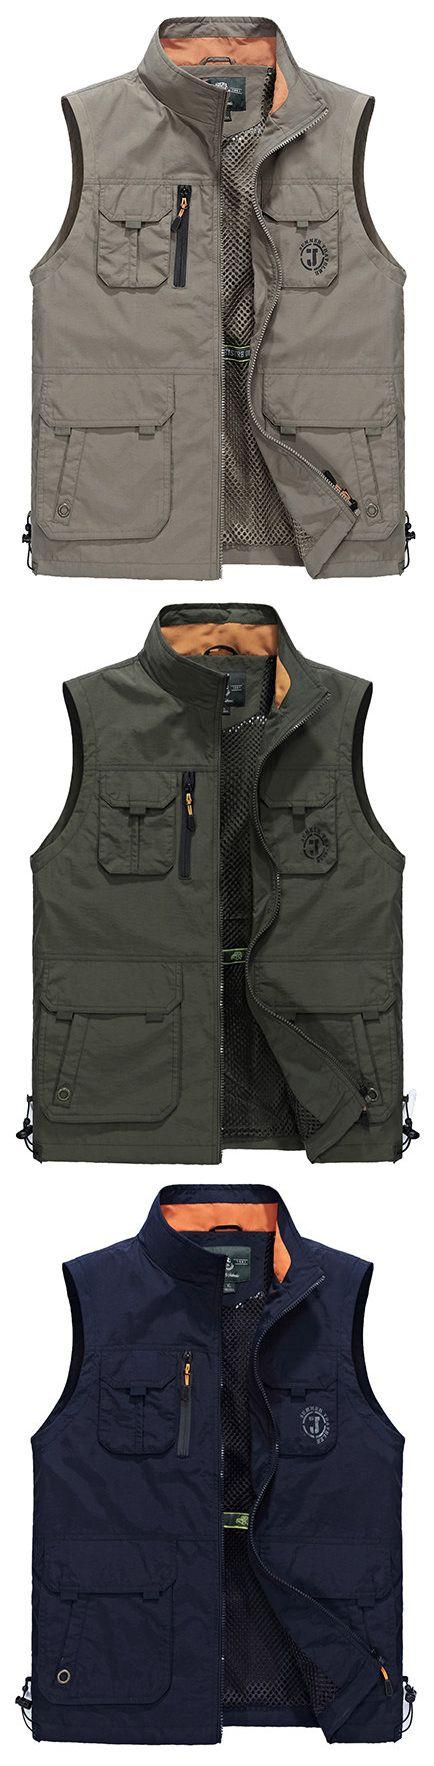 The 25 best fishing vest ideas on pinterest birthday for Best fishing vest